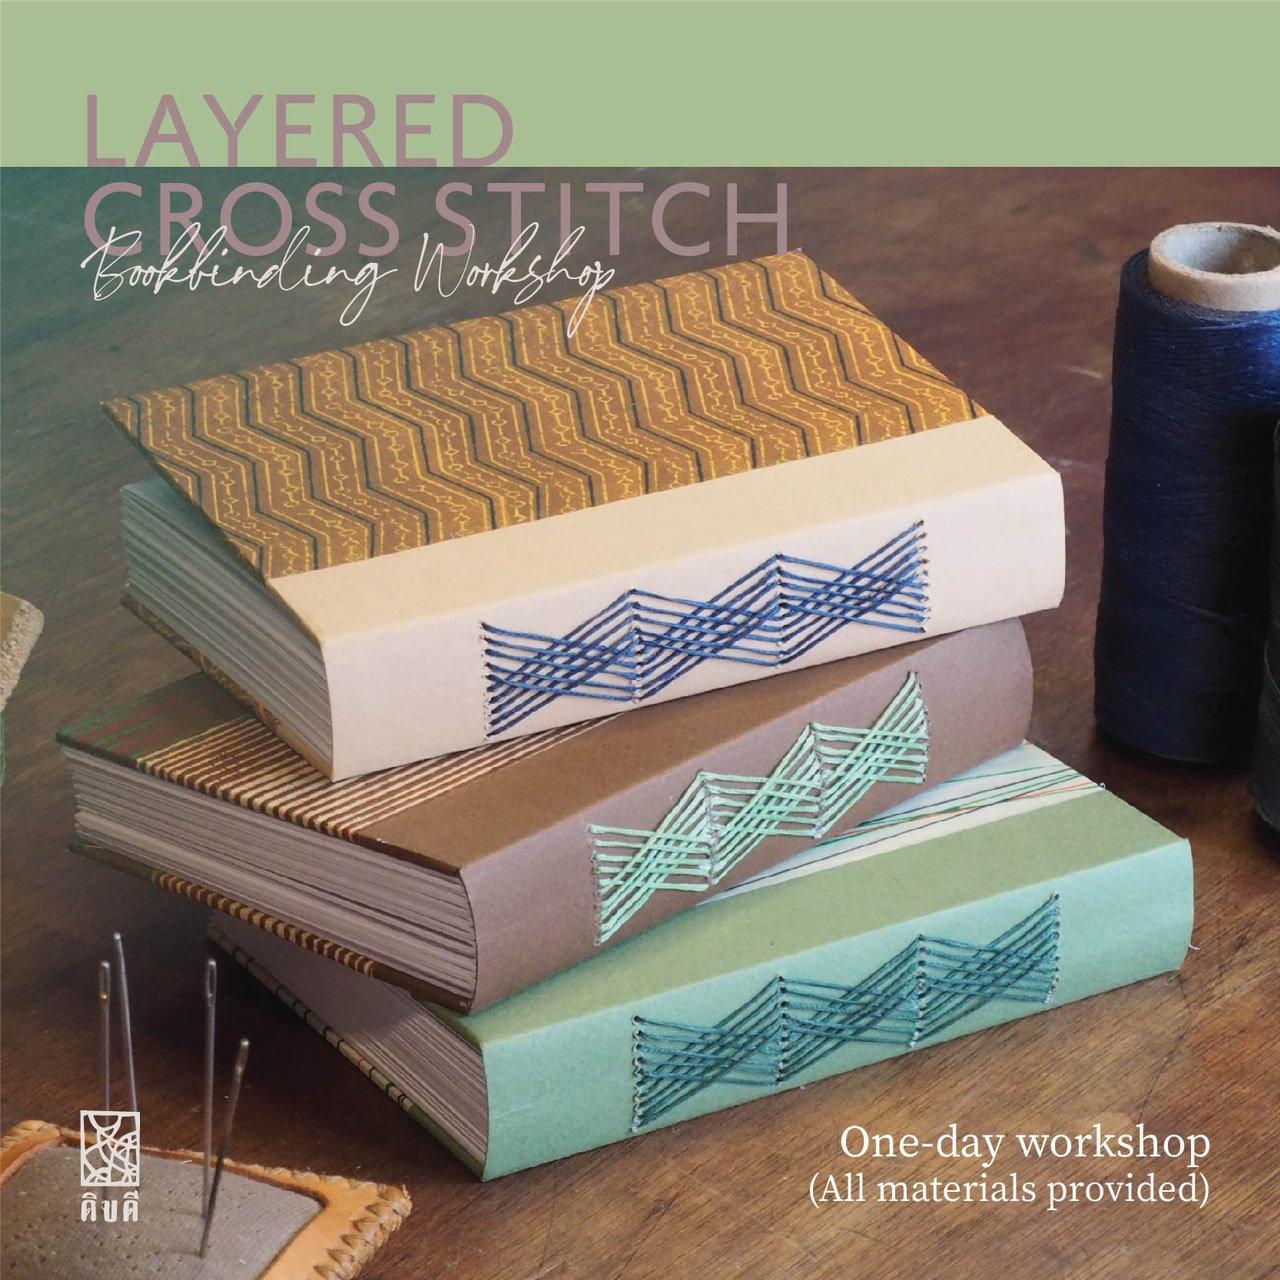 Layered Cross Stitch